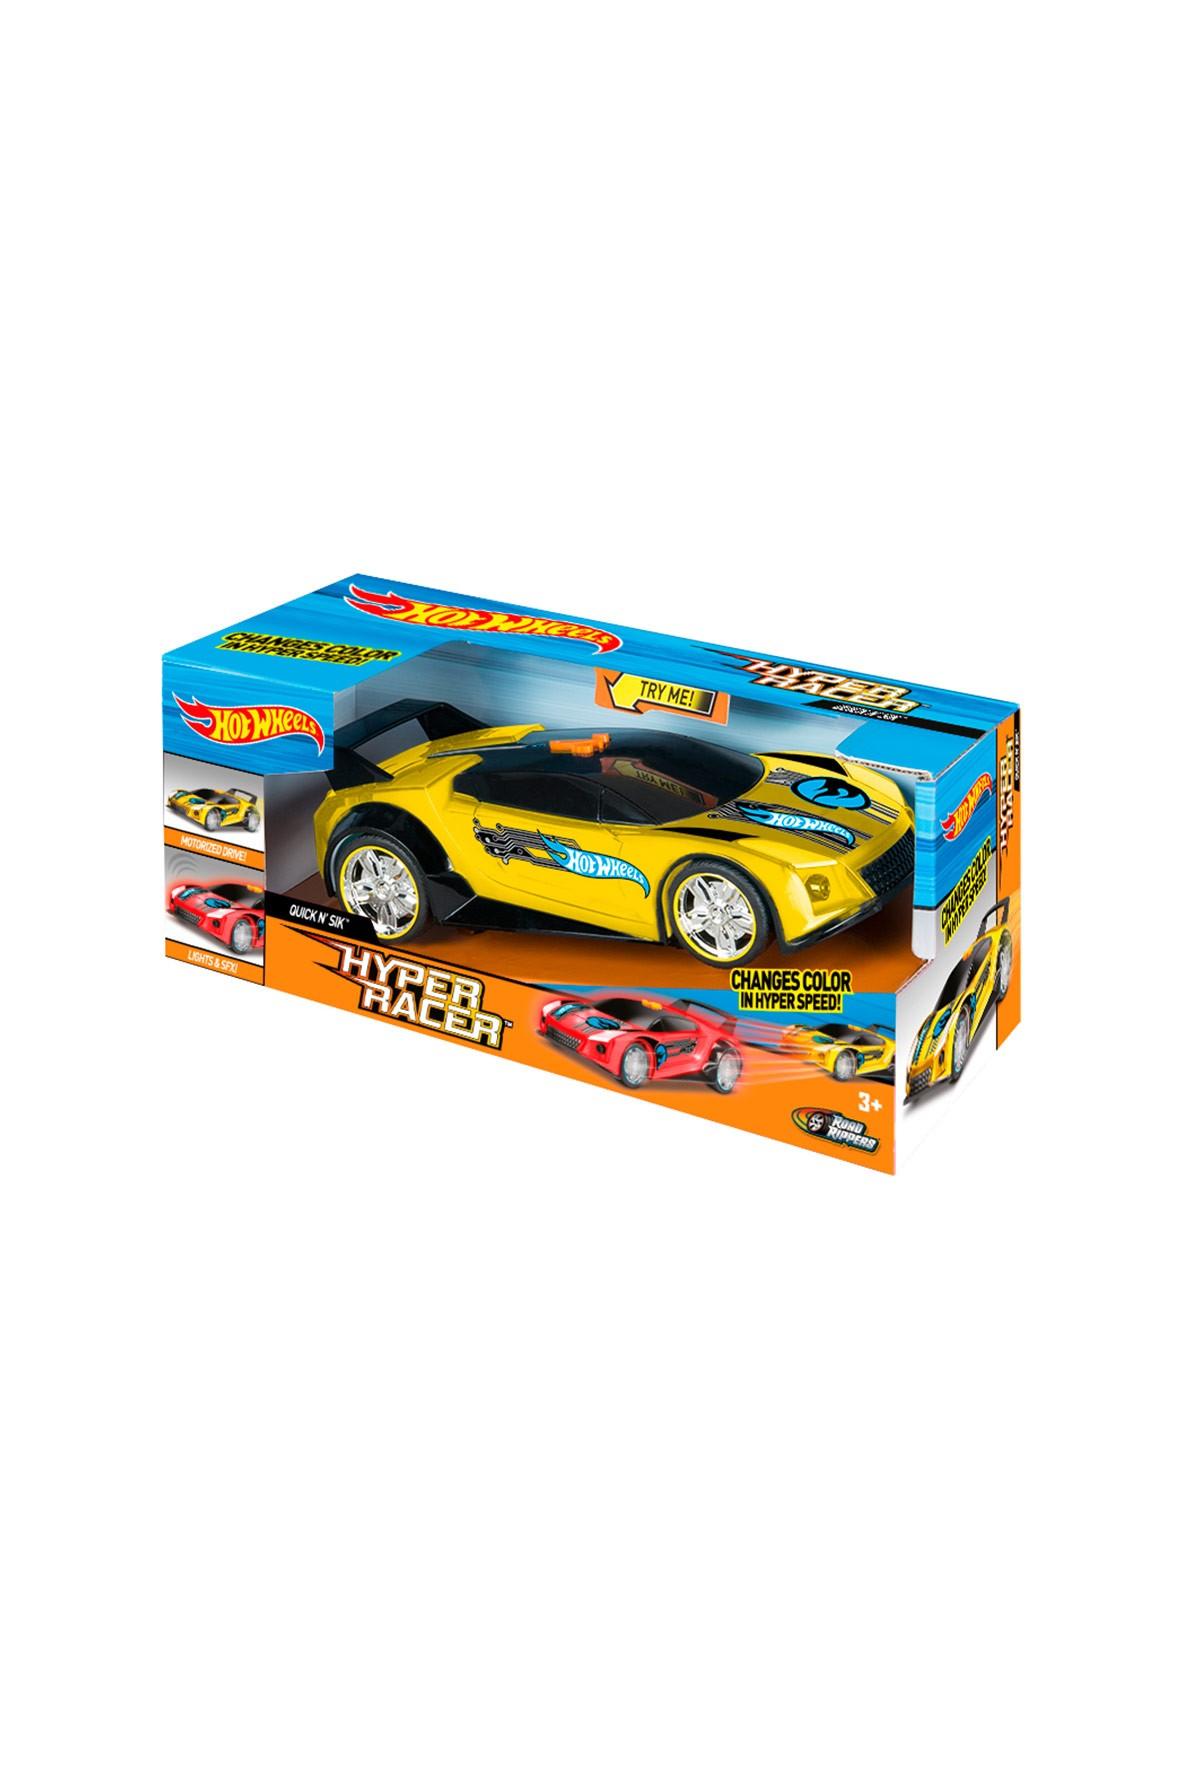 Samochód Hot Wheels